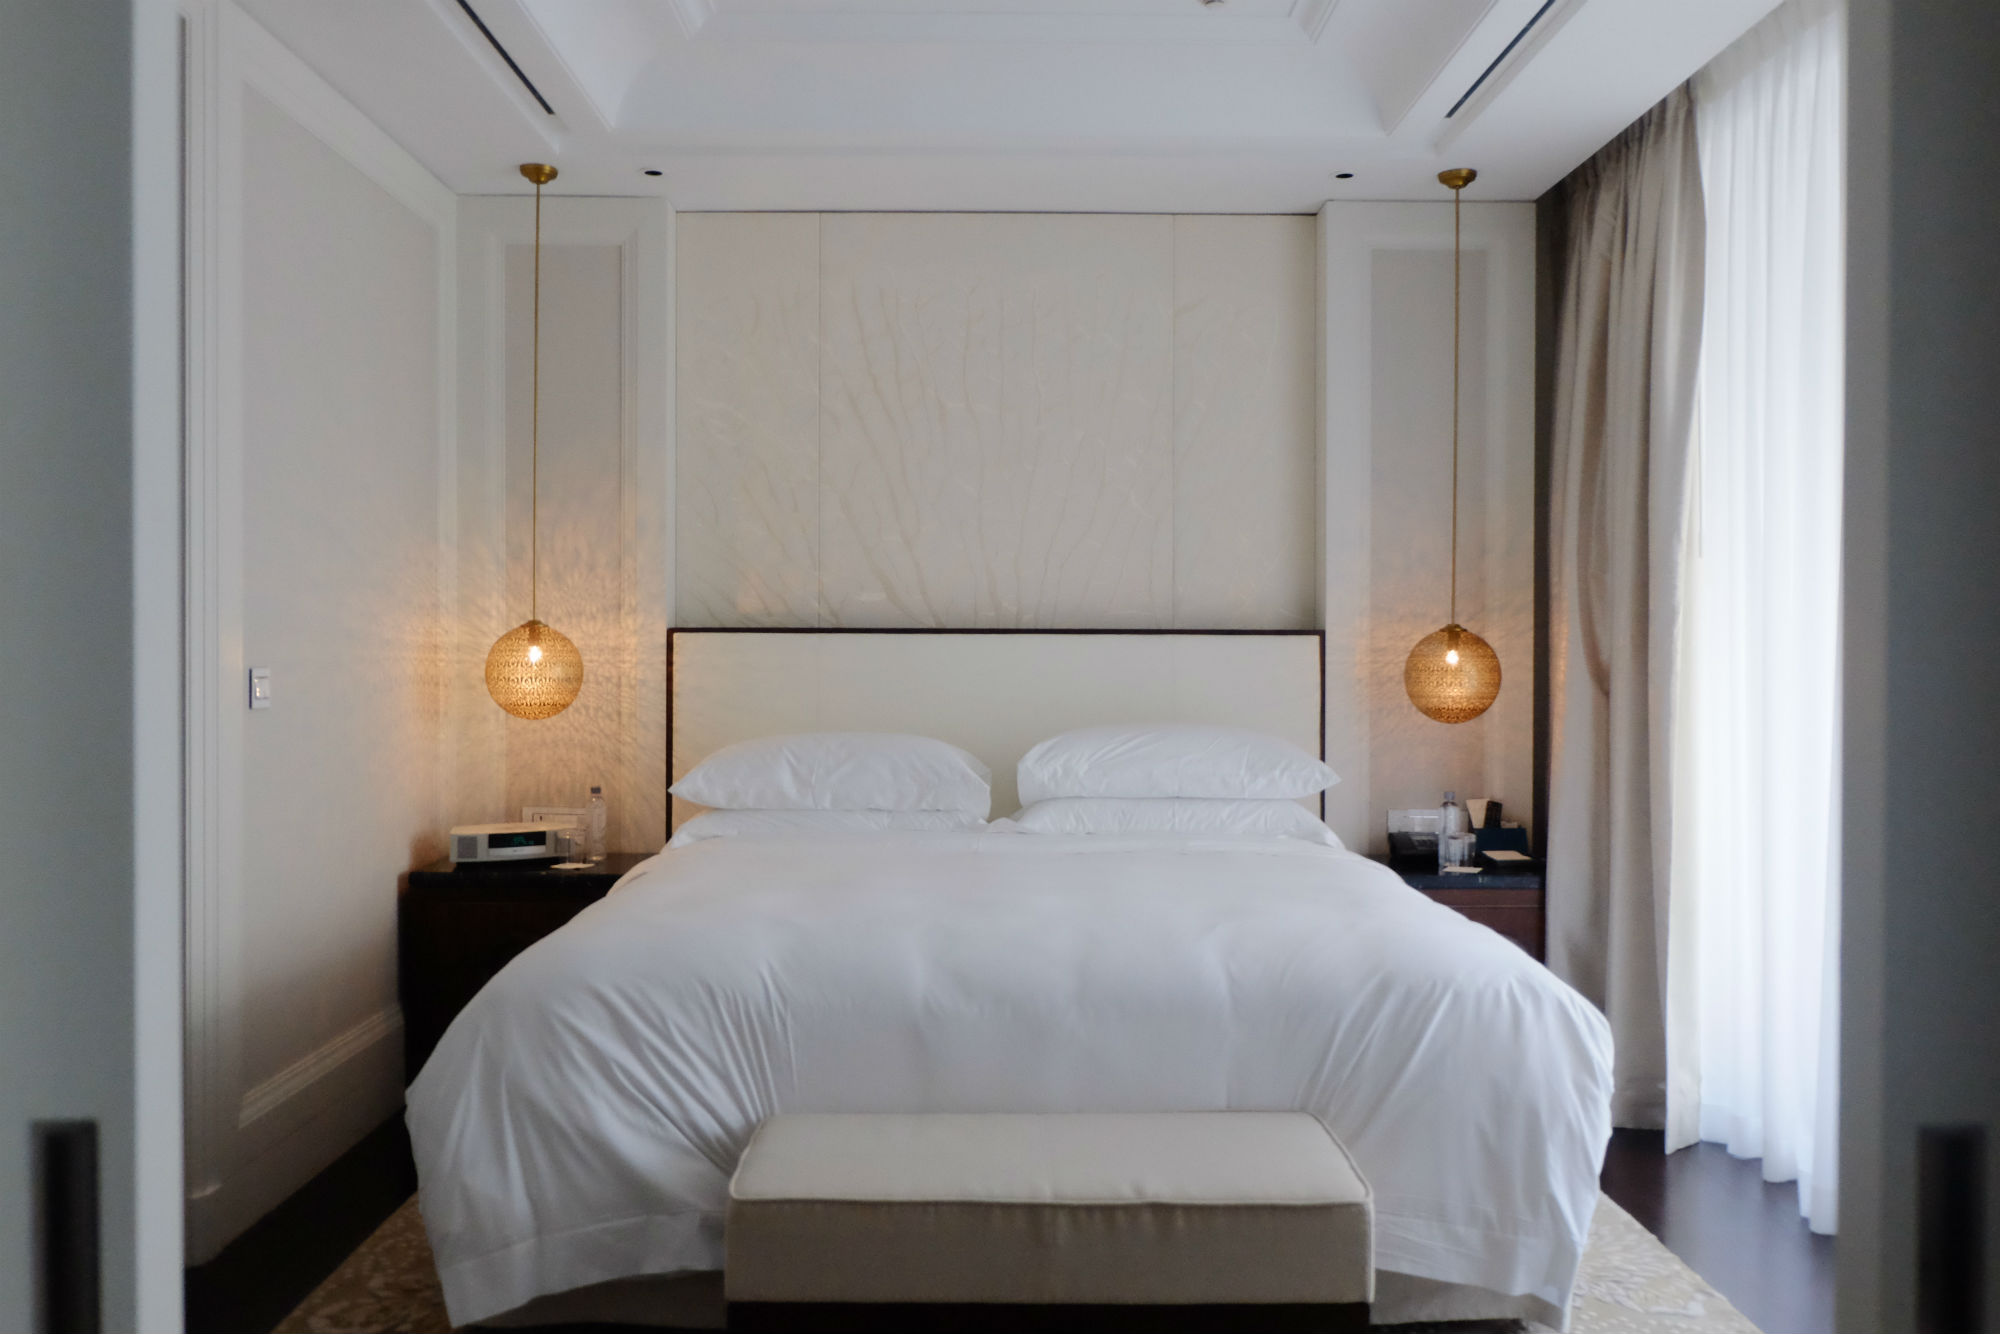 St. Regis Langkawi Pool Suite Bed